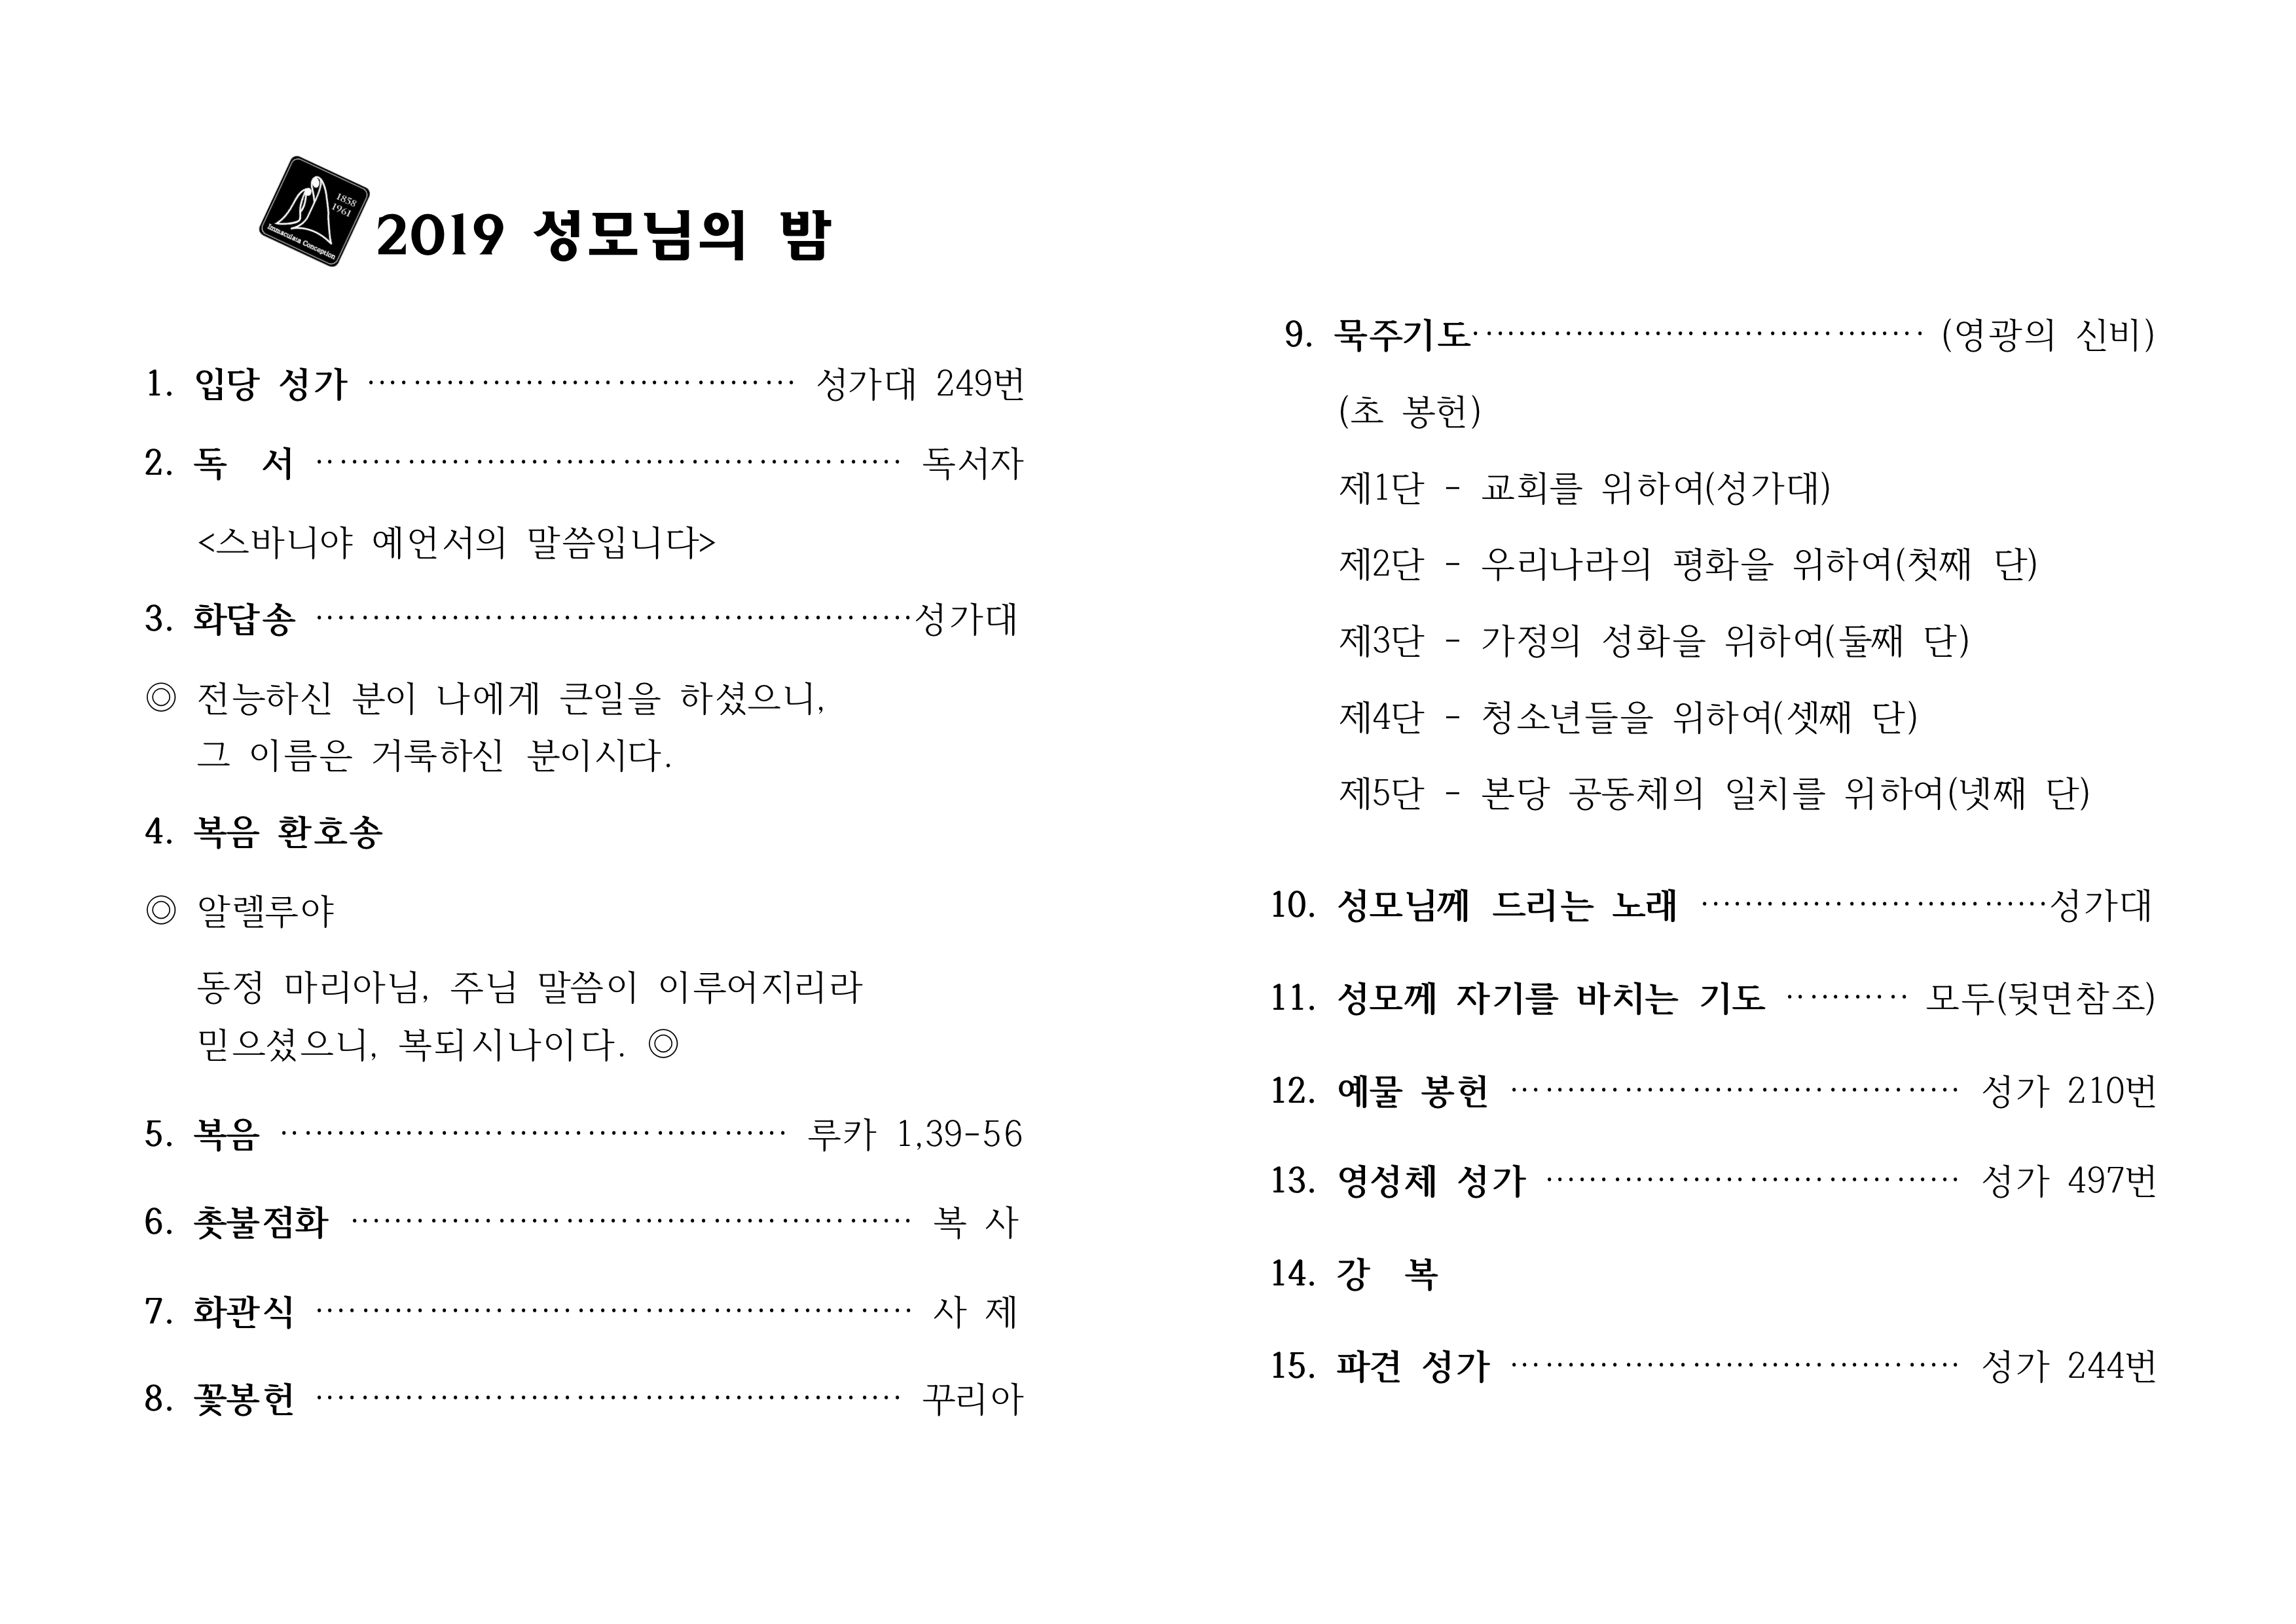 성모님의 밤(2019)-수정1.jpg